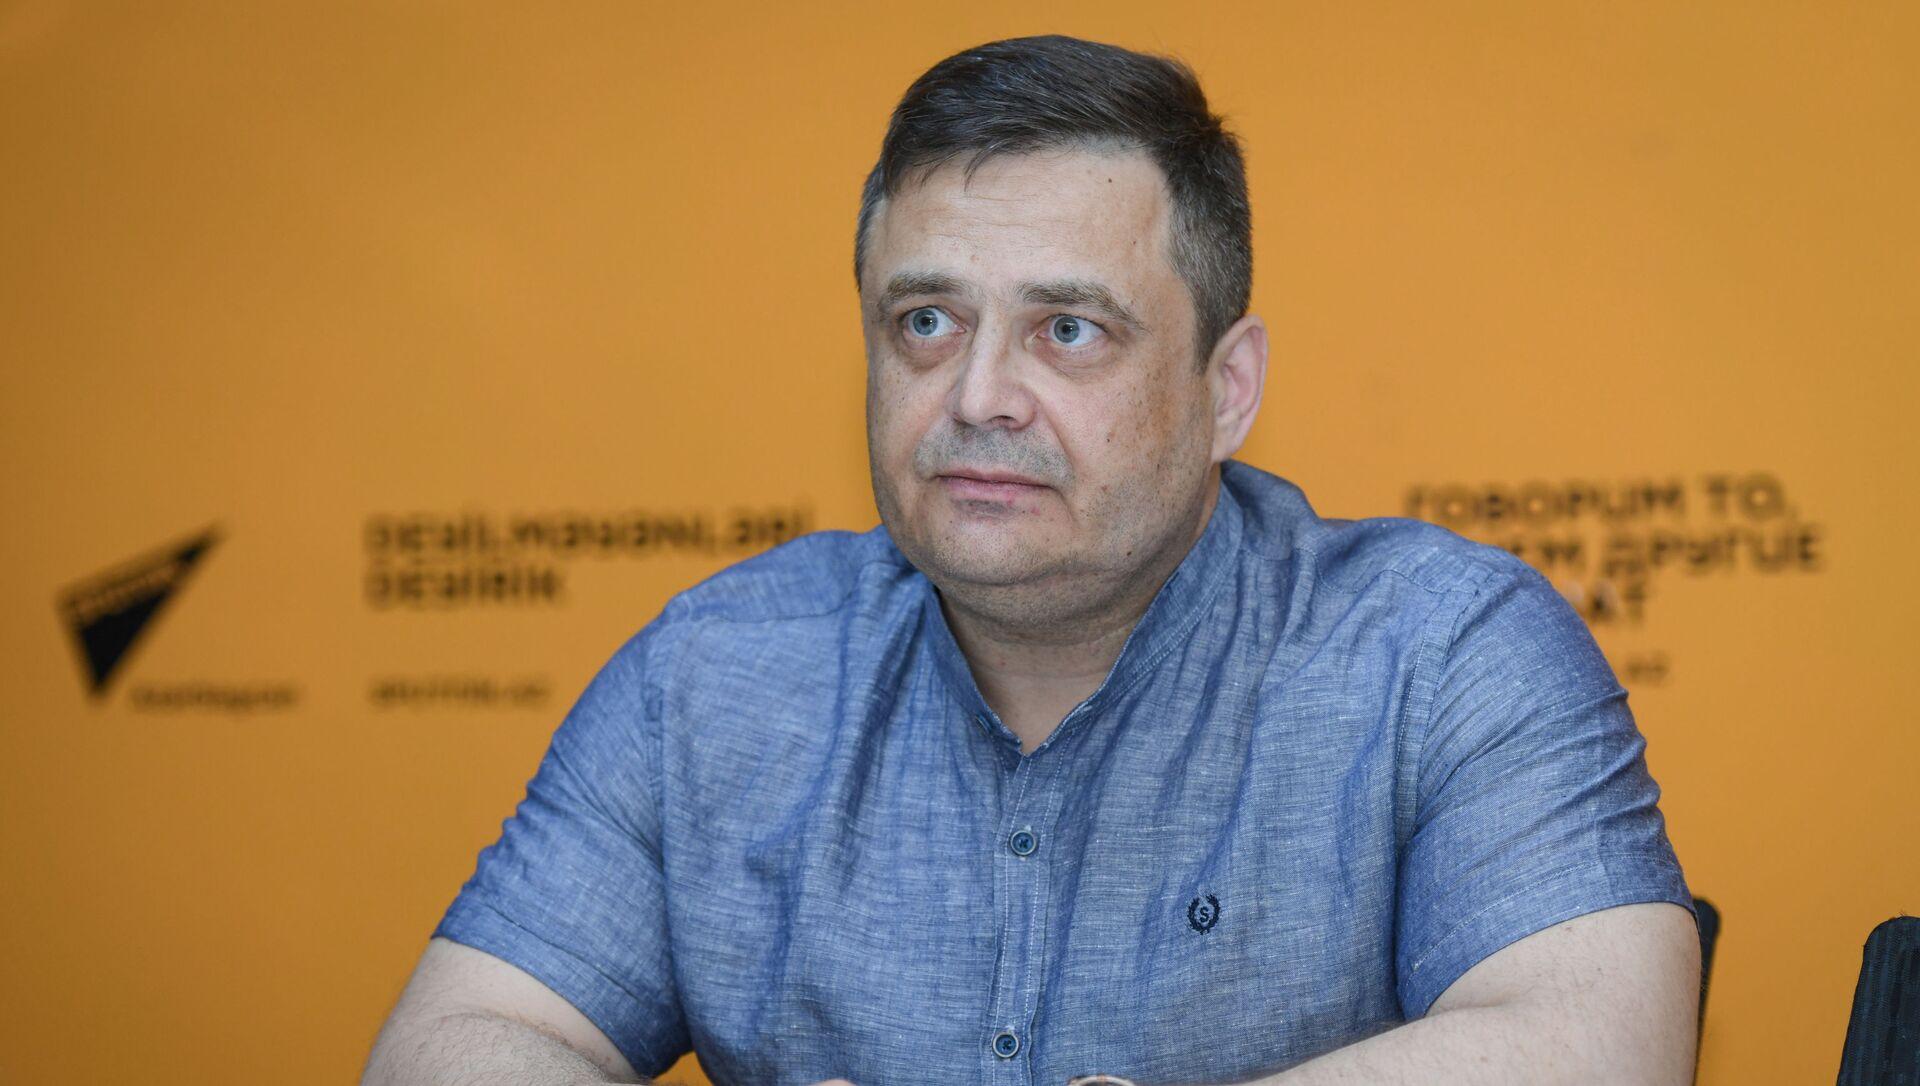 Руководитель Экспертного клуба Комитет развития, кандидат философских наук Павел Клачков - Sputnik Азербайджан, 1920, 06.07.2021